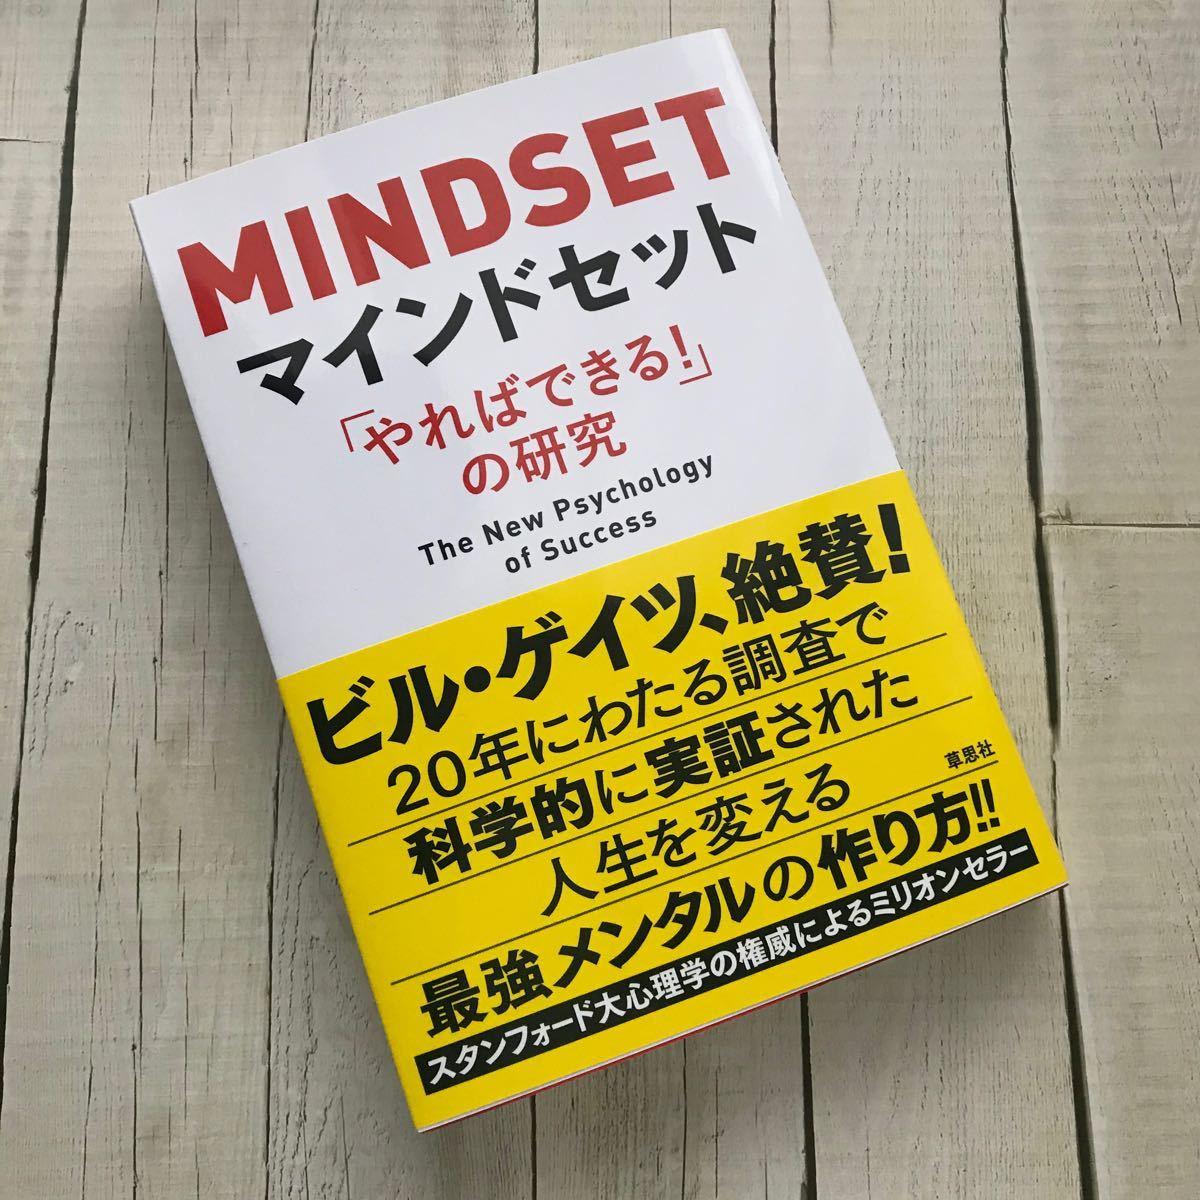 マインドセット 「やればできる!」 の研究/キャロルSドゥエック/今西康子